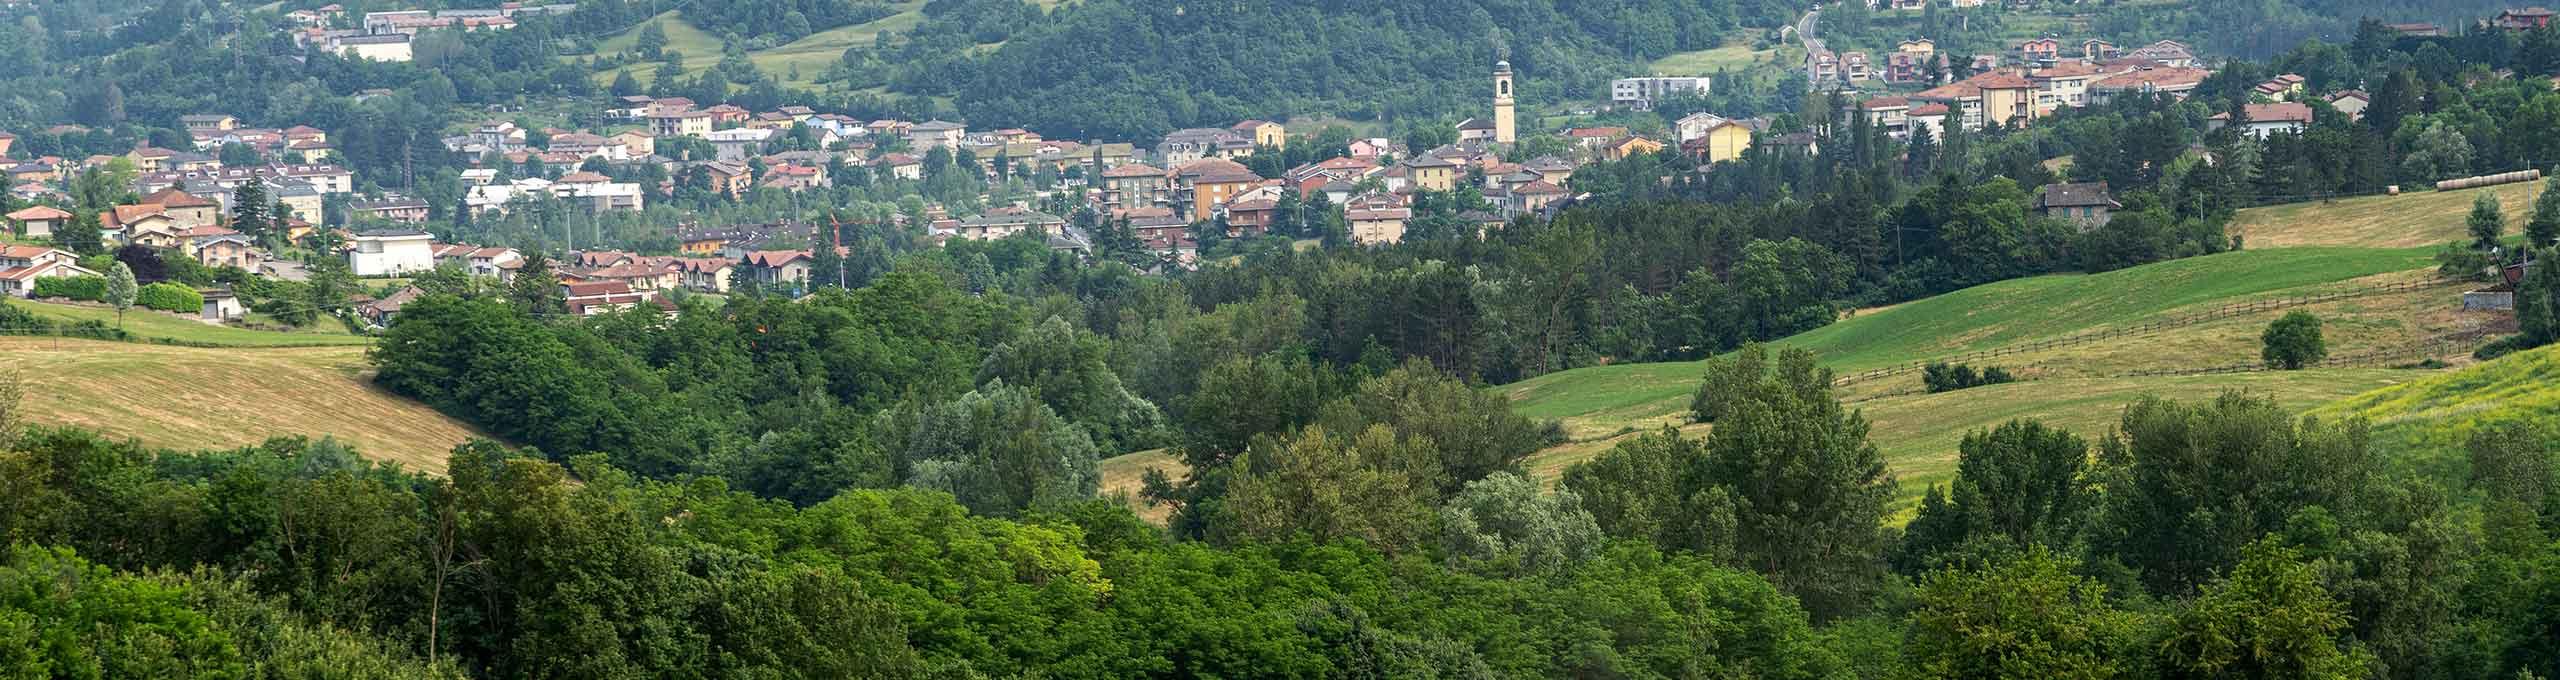 Borgo Val di Taro, Emilia Romagna